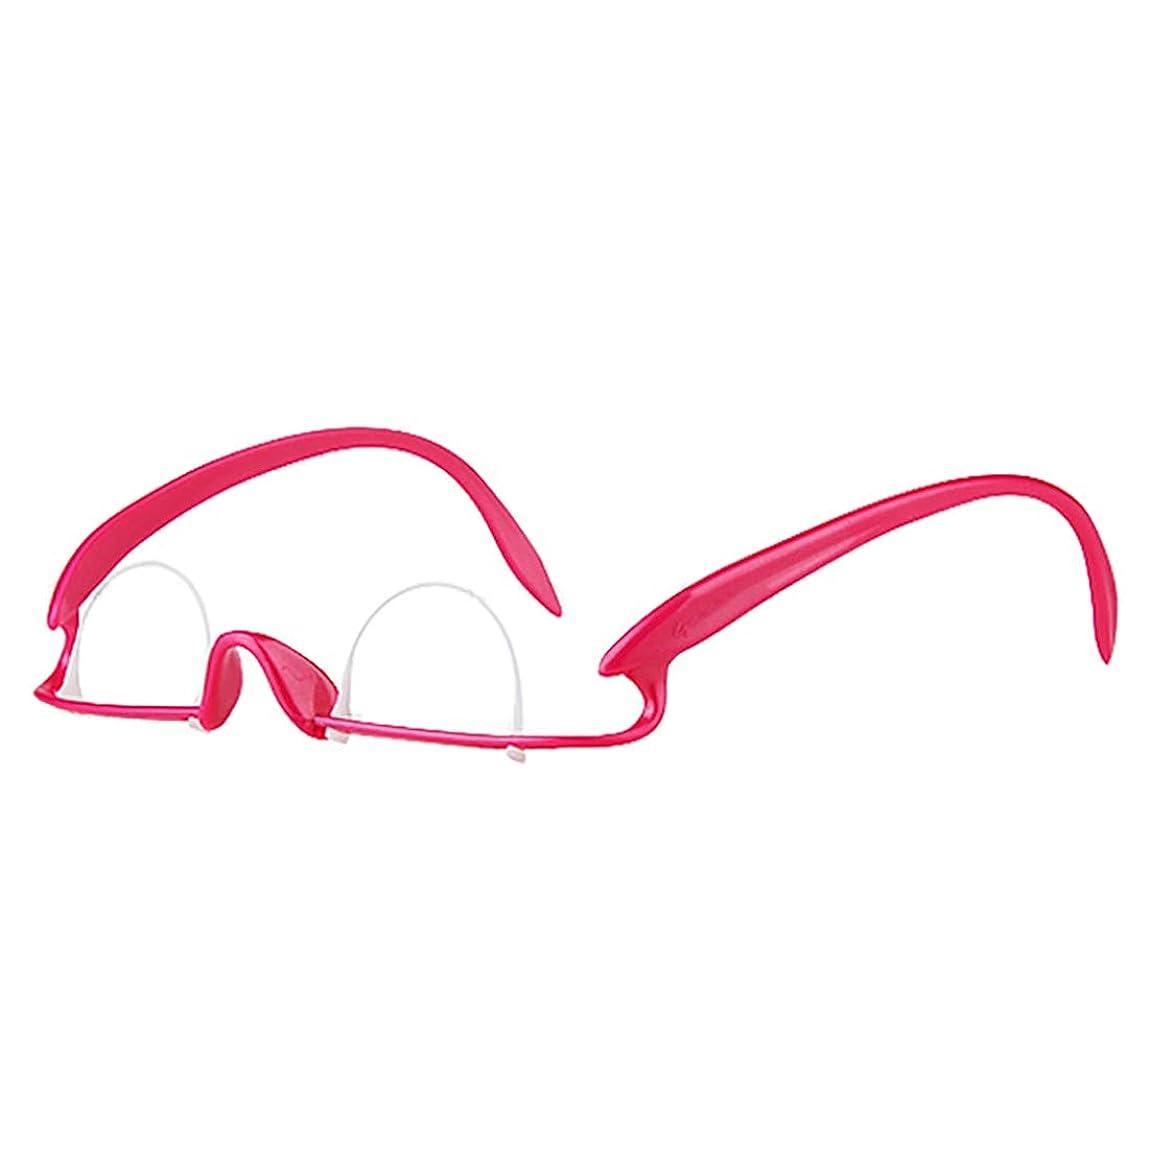 寂しい収まるキネマティクス億騰 二重まぶた用メガネ 二重まぶた運動 二重まぶた形成 二重まぶた運動器 メガネトレーナー